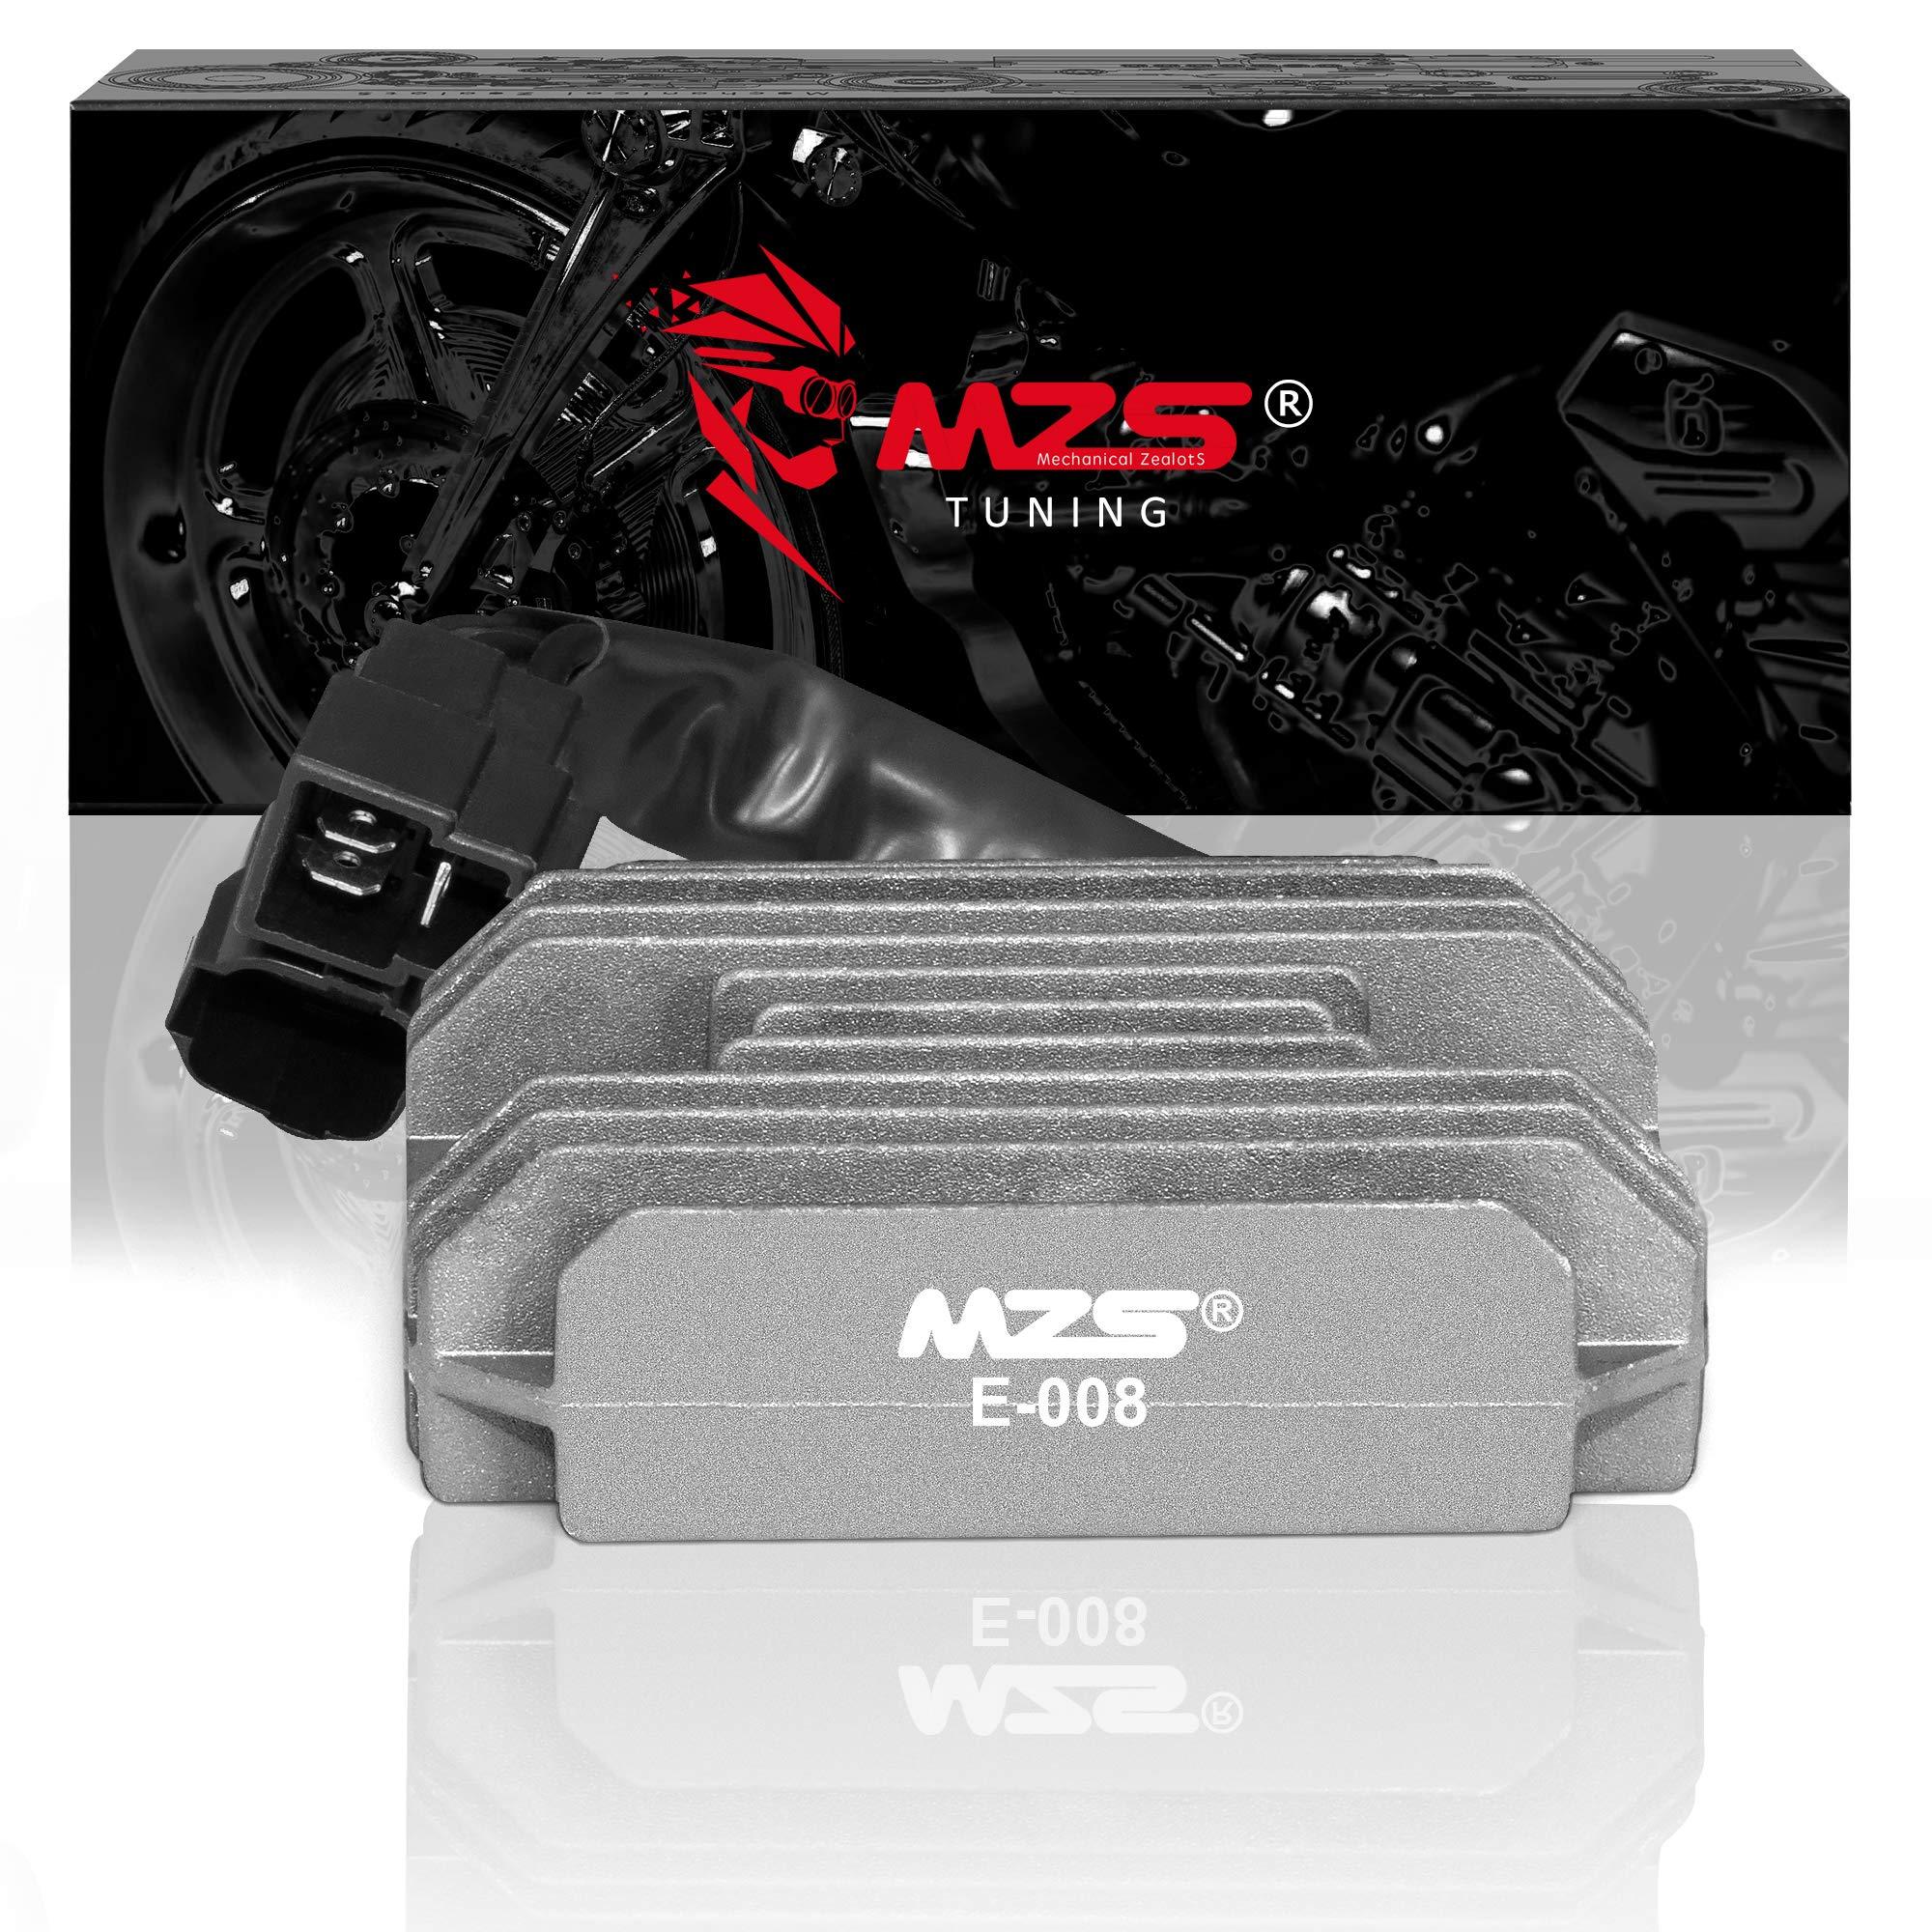 MZS Voltage Regulator Rectifier for Suzuki GSXR600 GSXR750 06-11/GSXR1000 05-12/DL650 04-12/SV650 03-12/SFV650/SV1000/GSX650 GSX650F/GSR750/GSF1250/VL800/VL1500/Arctic Cat 375 400 500 TRV TBX 01-09